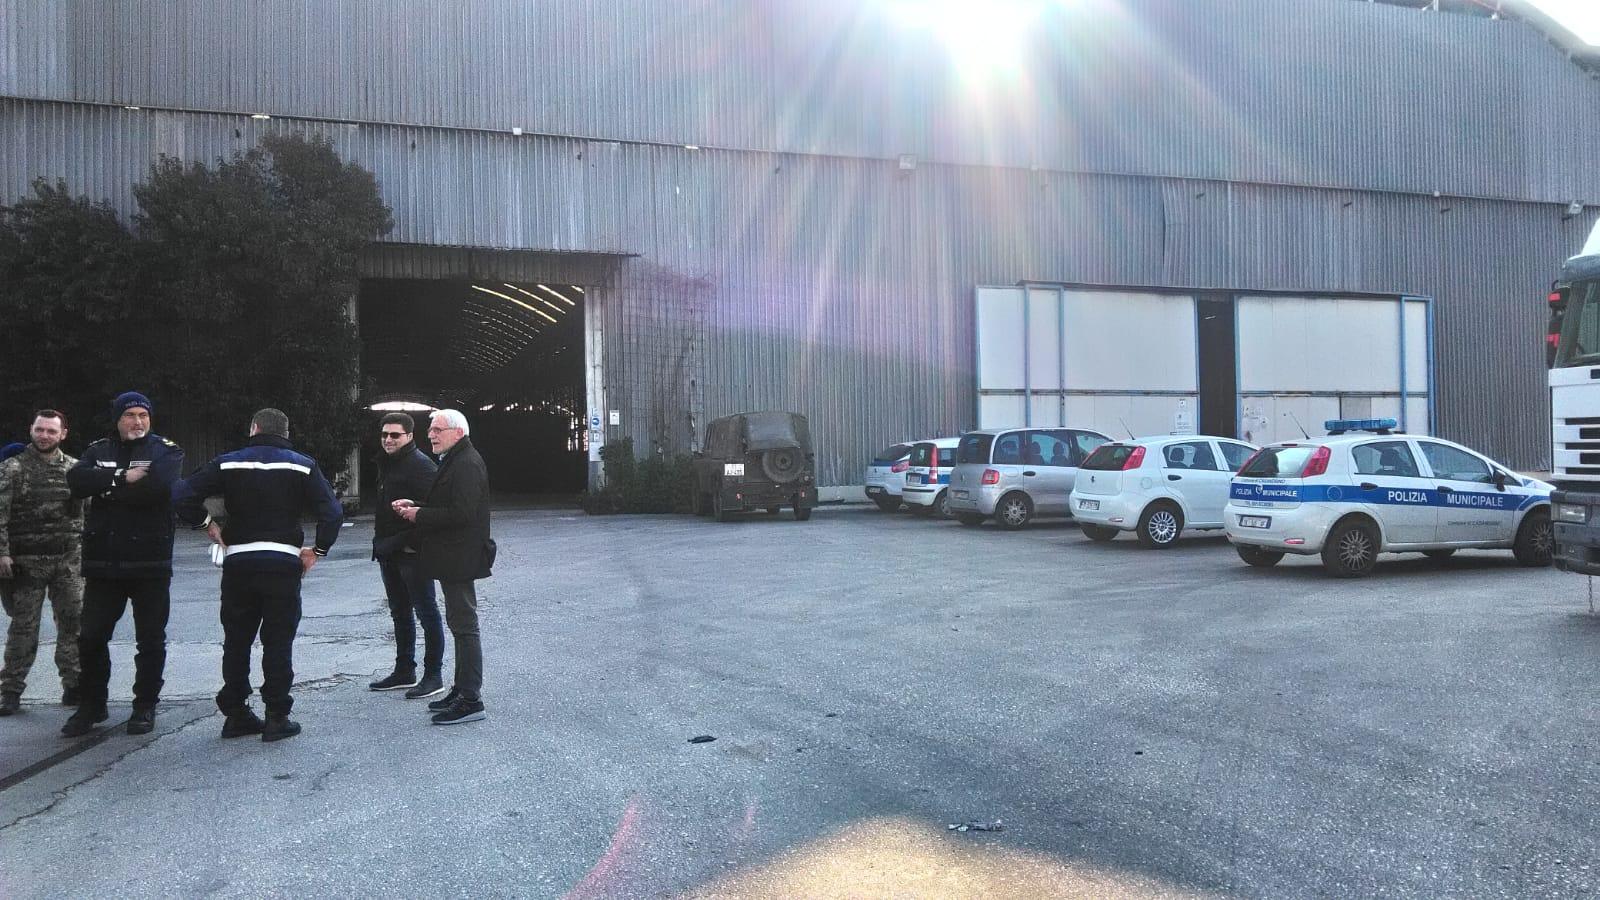 Dopo le segnalazioni dei cittadini sui social network scattano i controlli nei stabilimenti industriali di Casoria